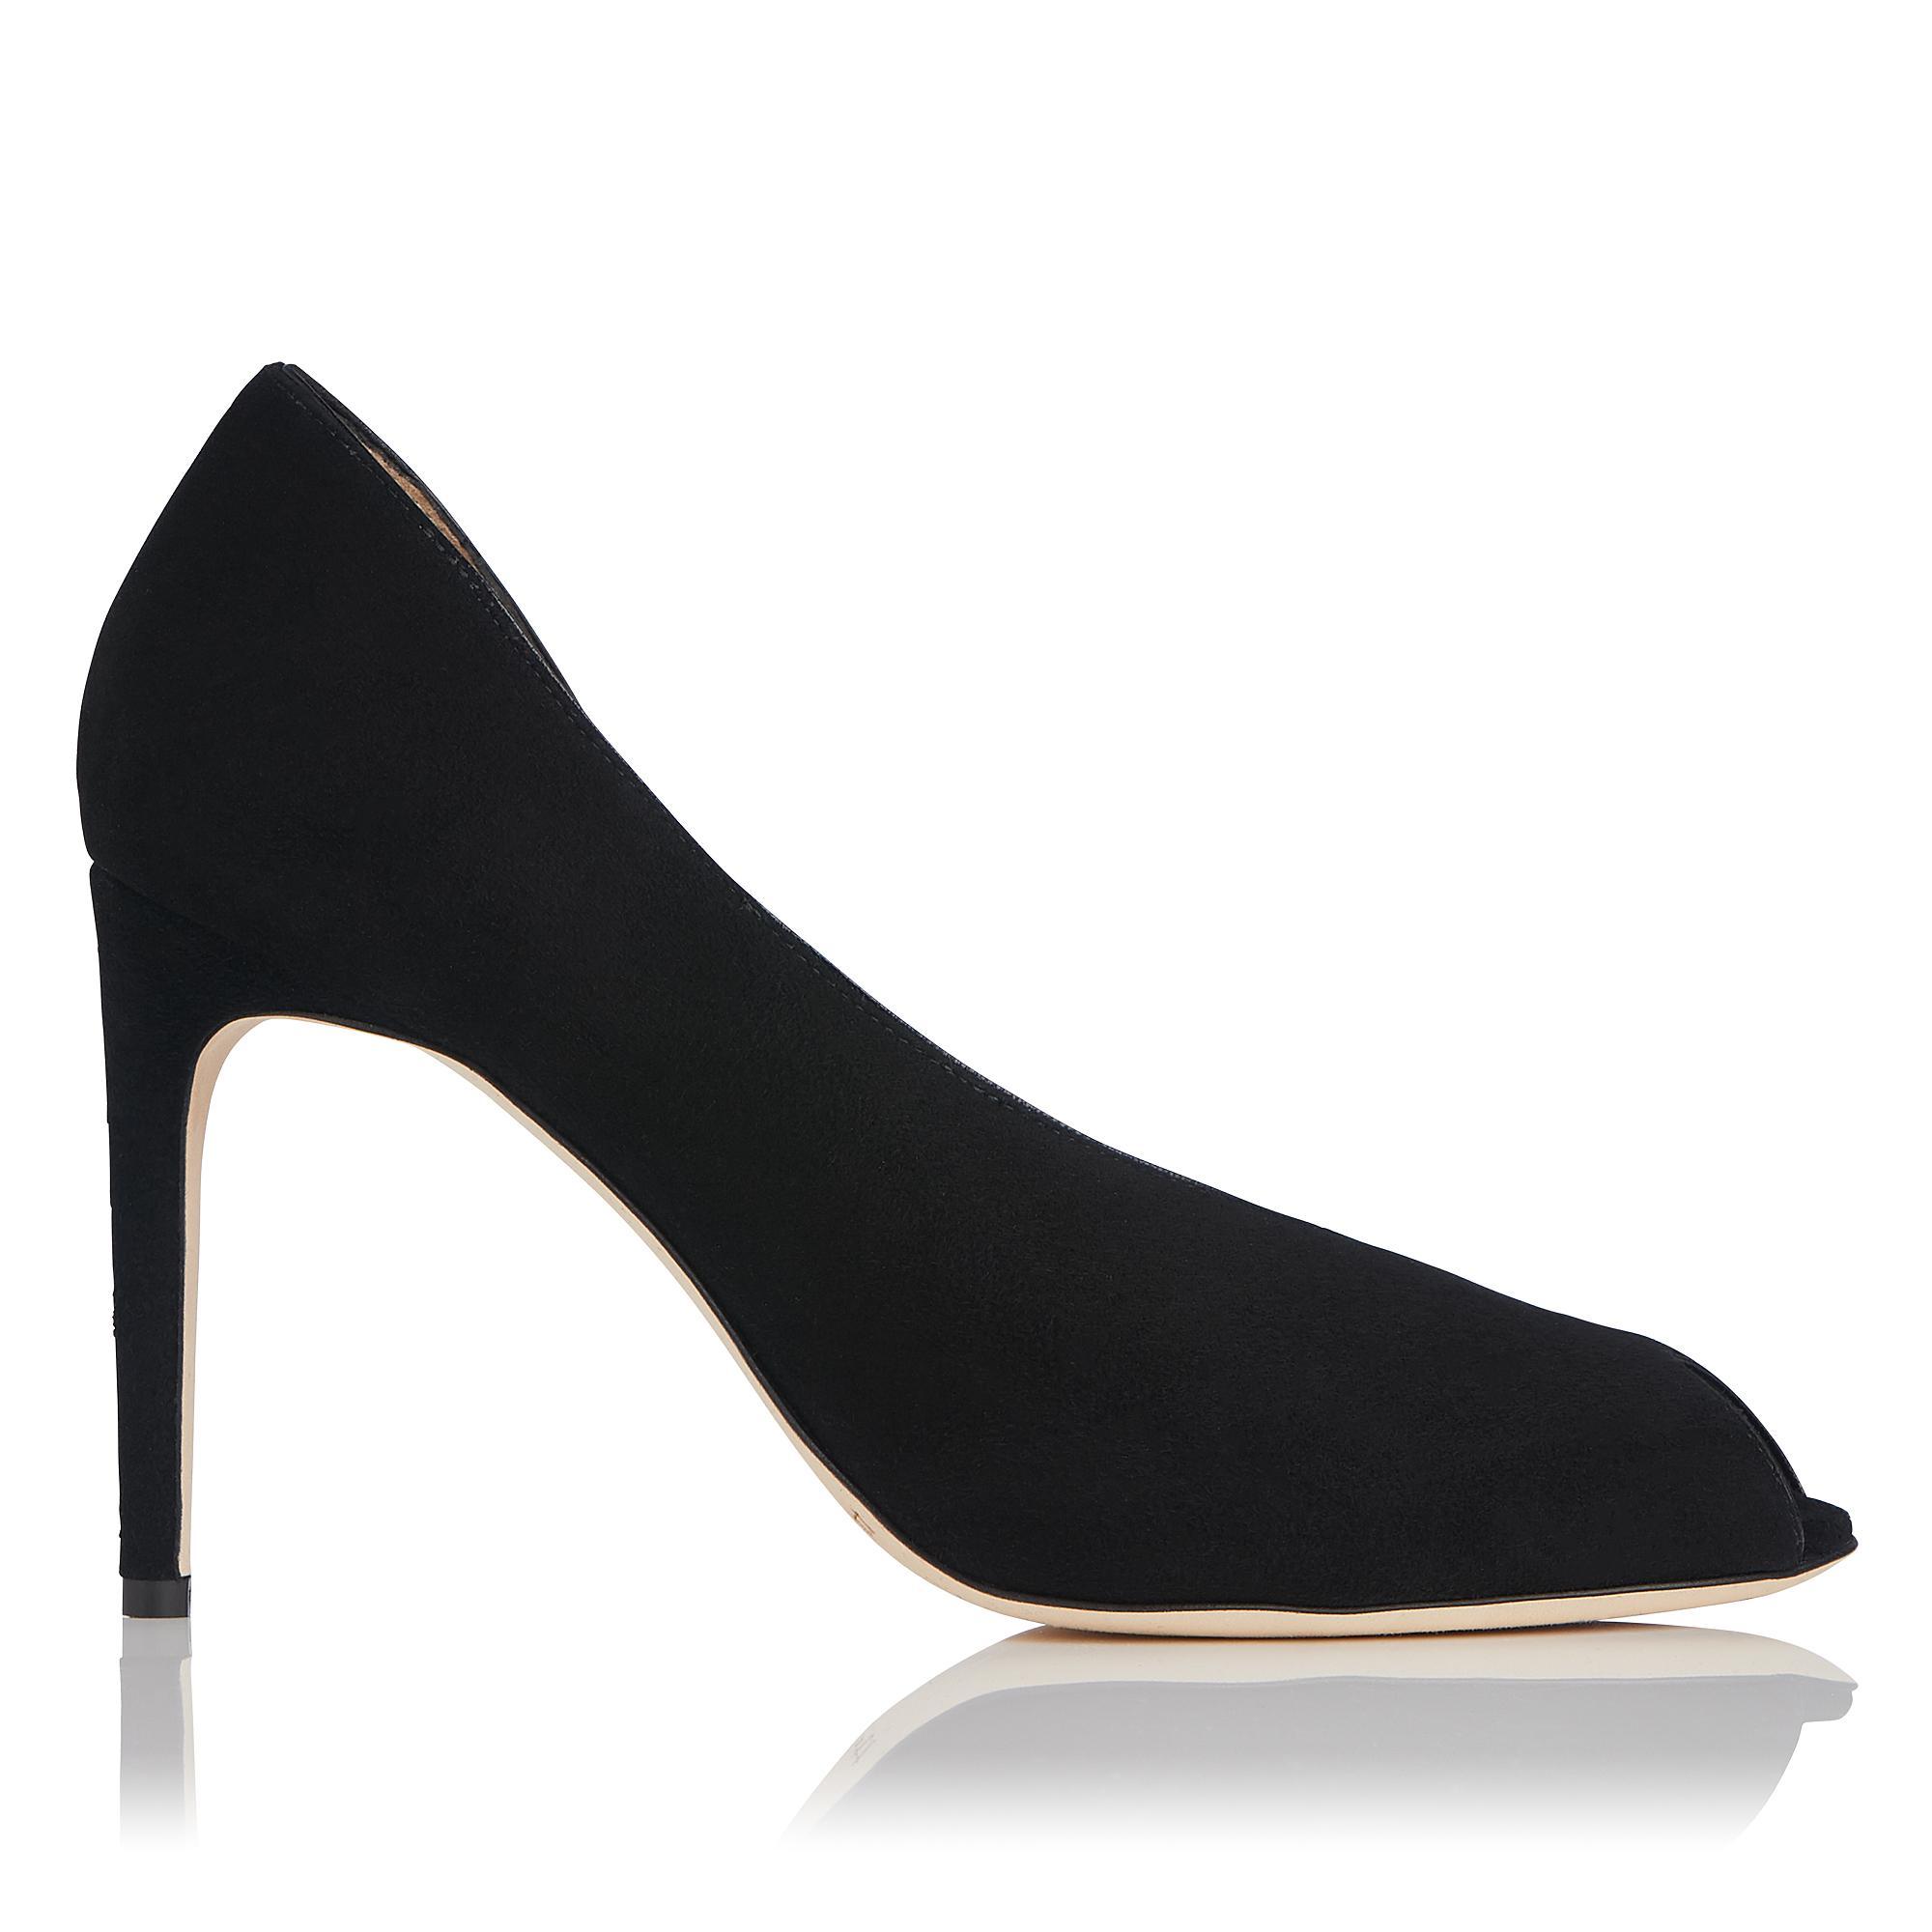 Kayleigh Black Suede Heel